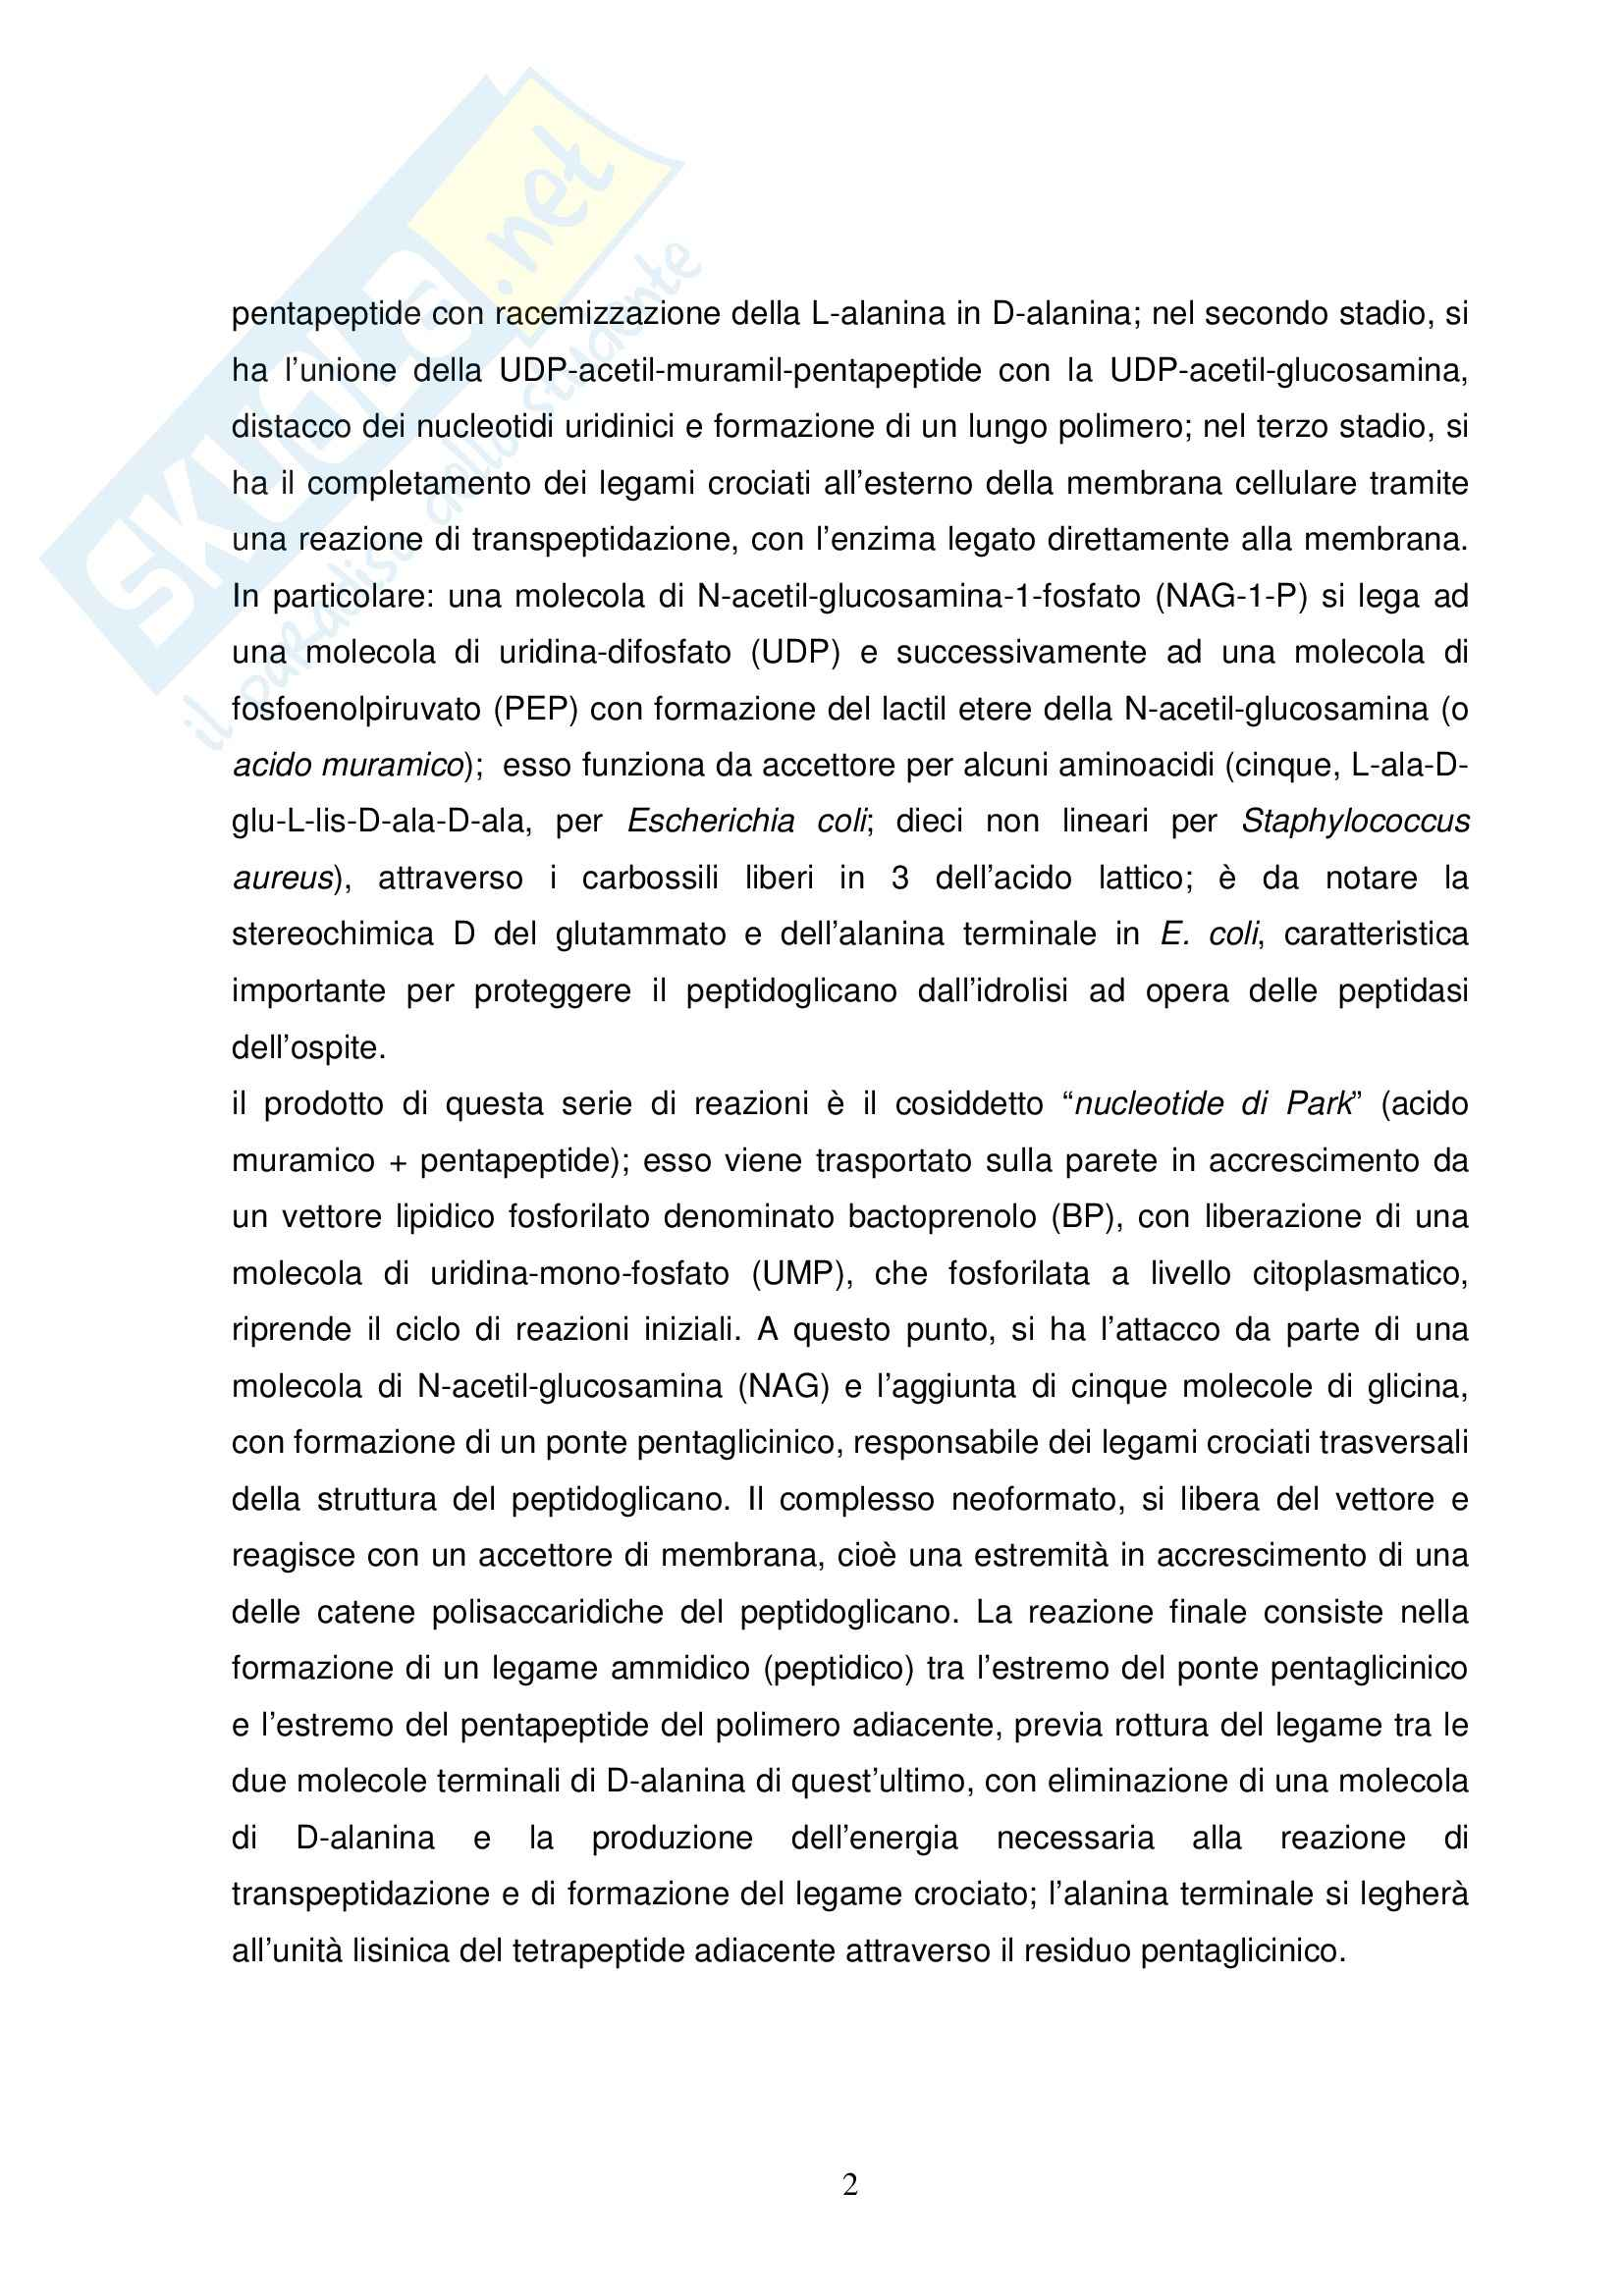 Chimica farmaceutica - le penicilline Pag. 2